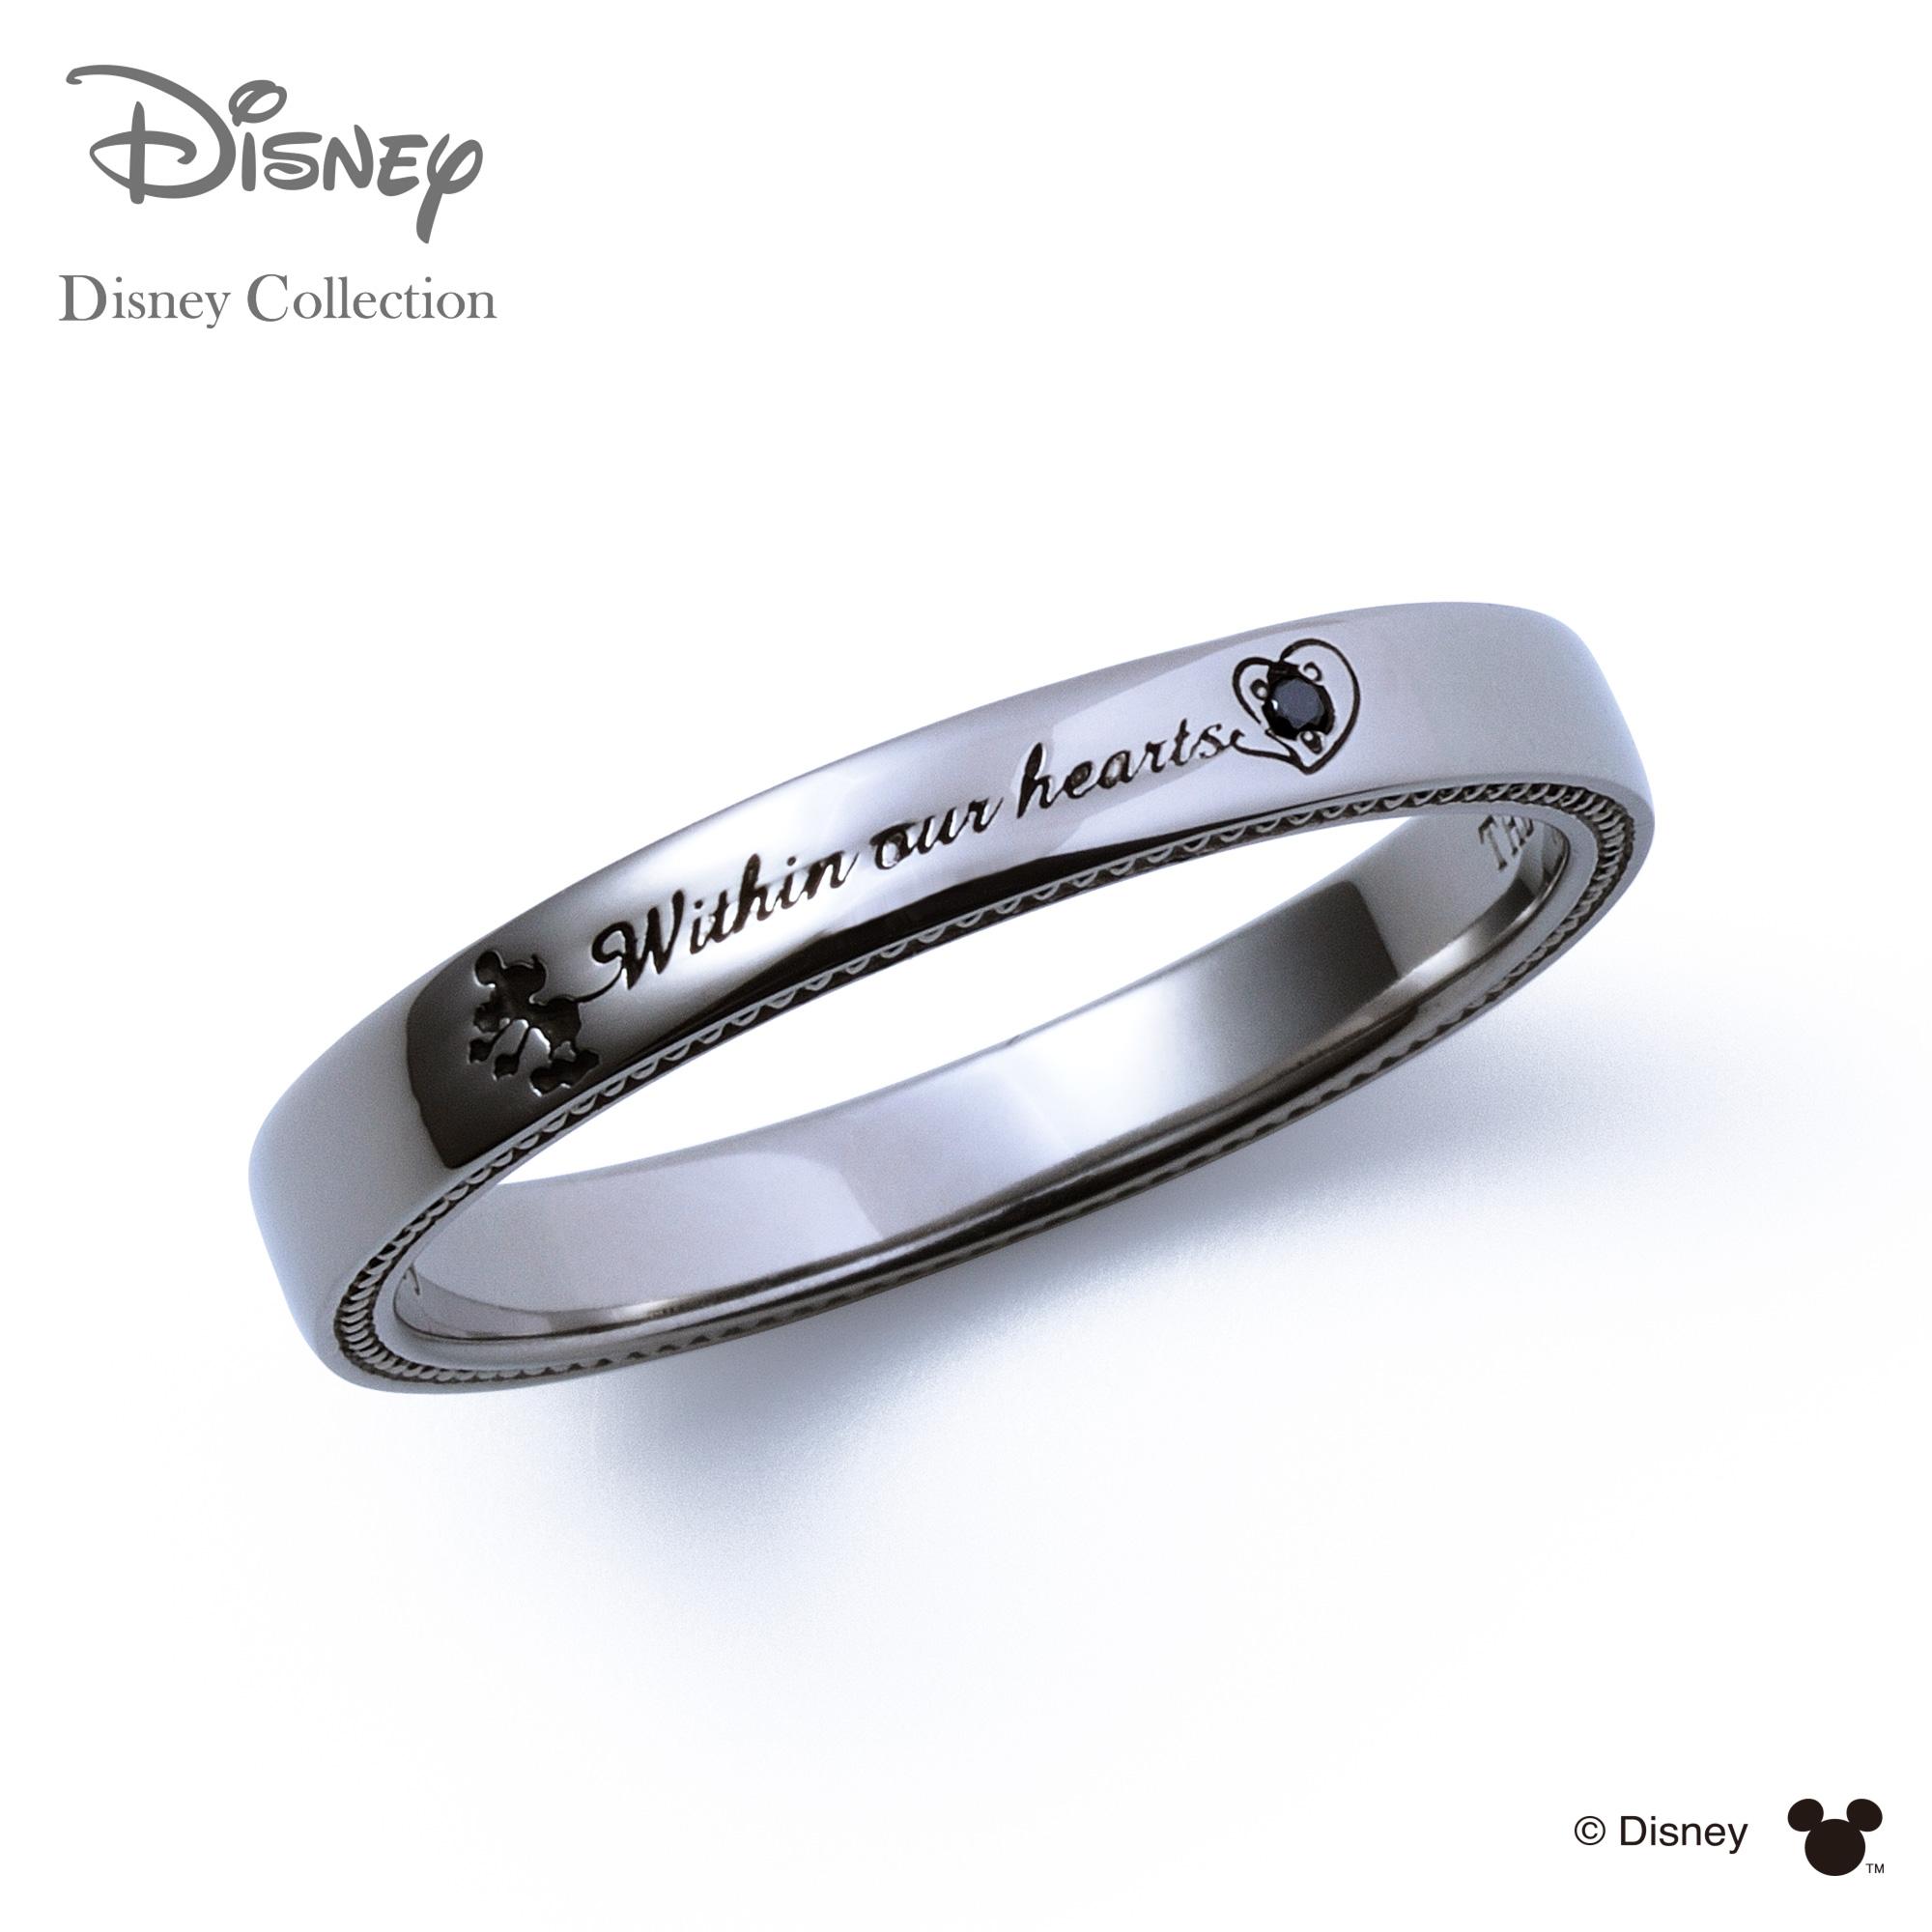 【あす楽対応】【ディズニーコレクション】 ディズニー / ペアリング / ミッキーマウス / THE KISS リング・指輪 シルバー ダイヤモンド (メンズ 単品) DI-SR710BKD ザキス 【送料無料】【Disneyzone】